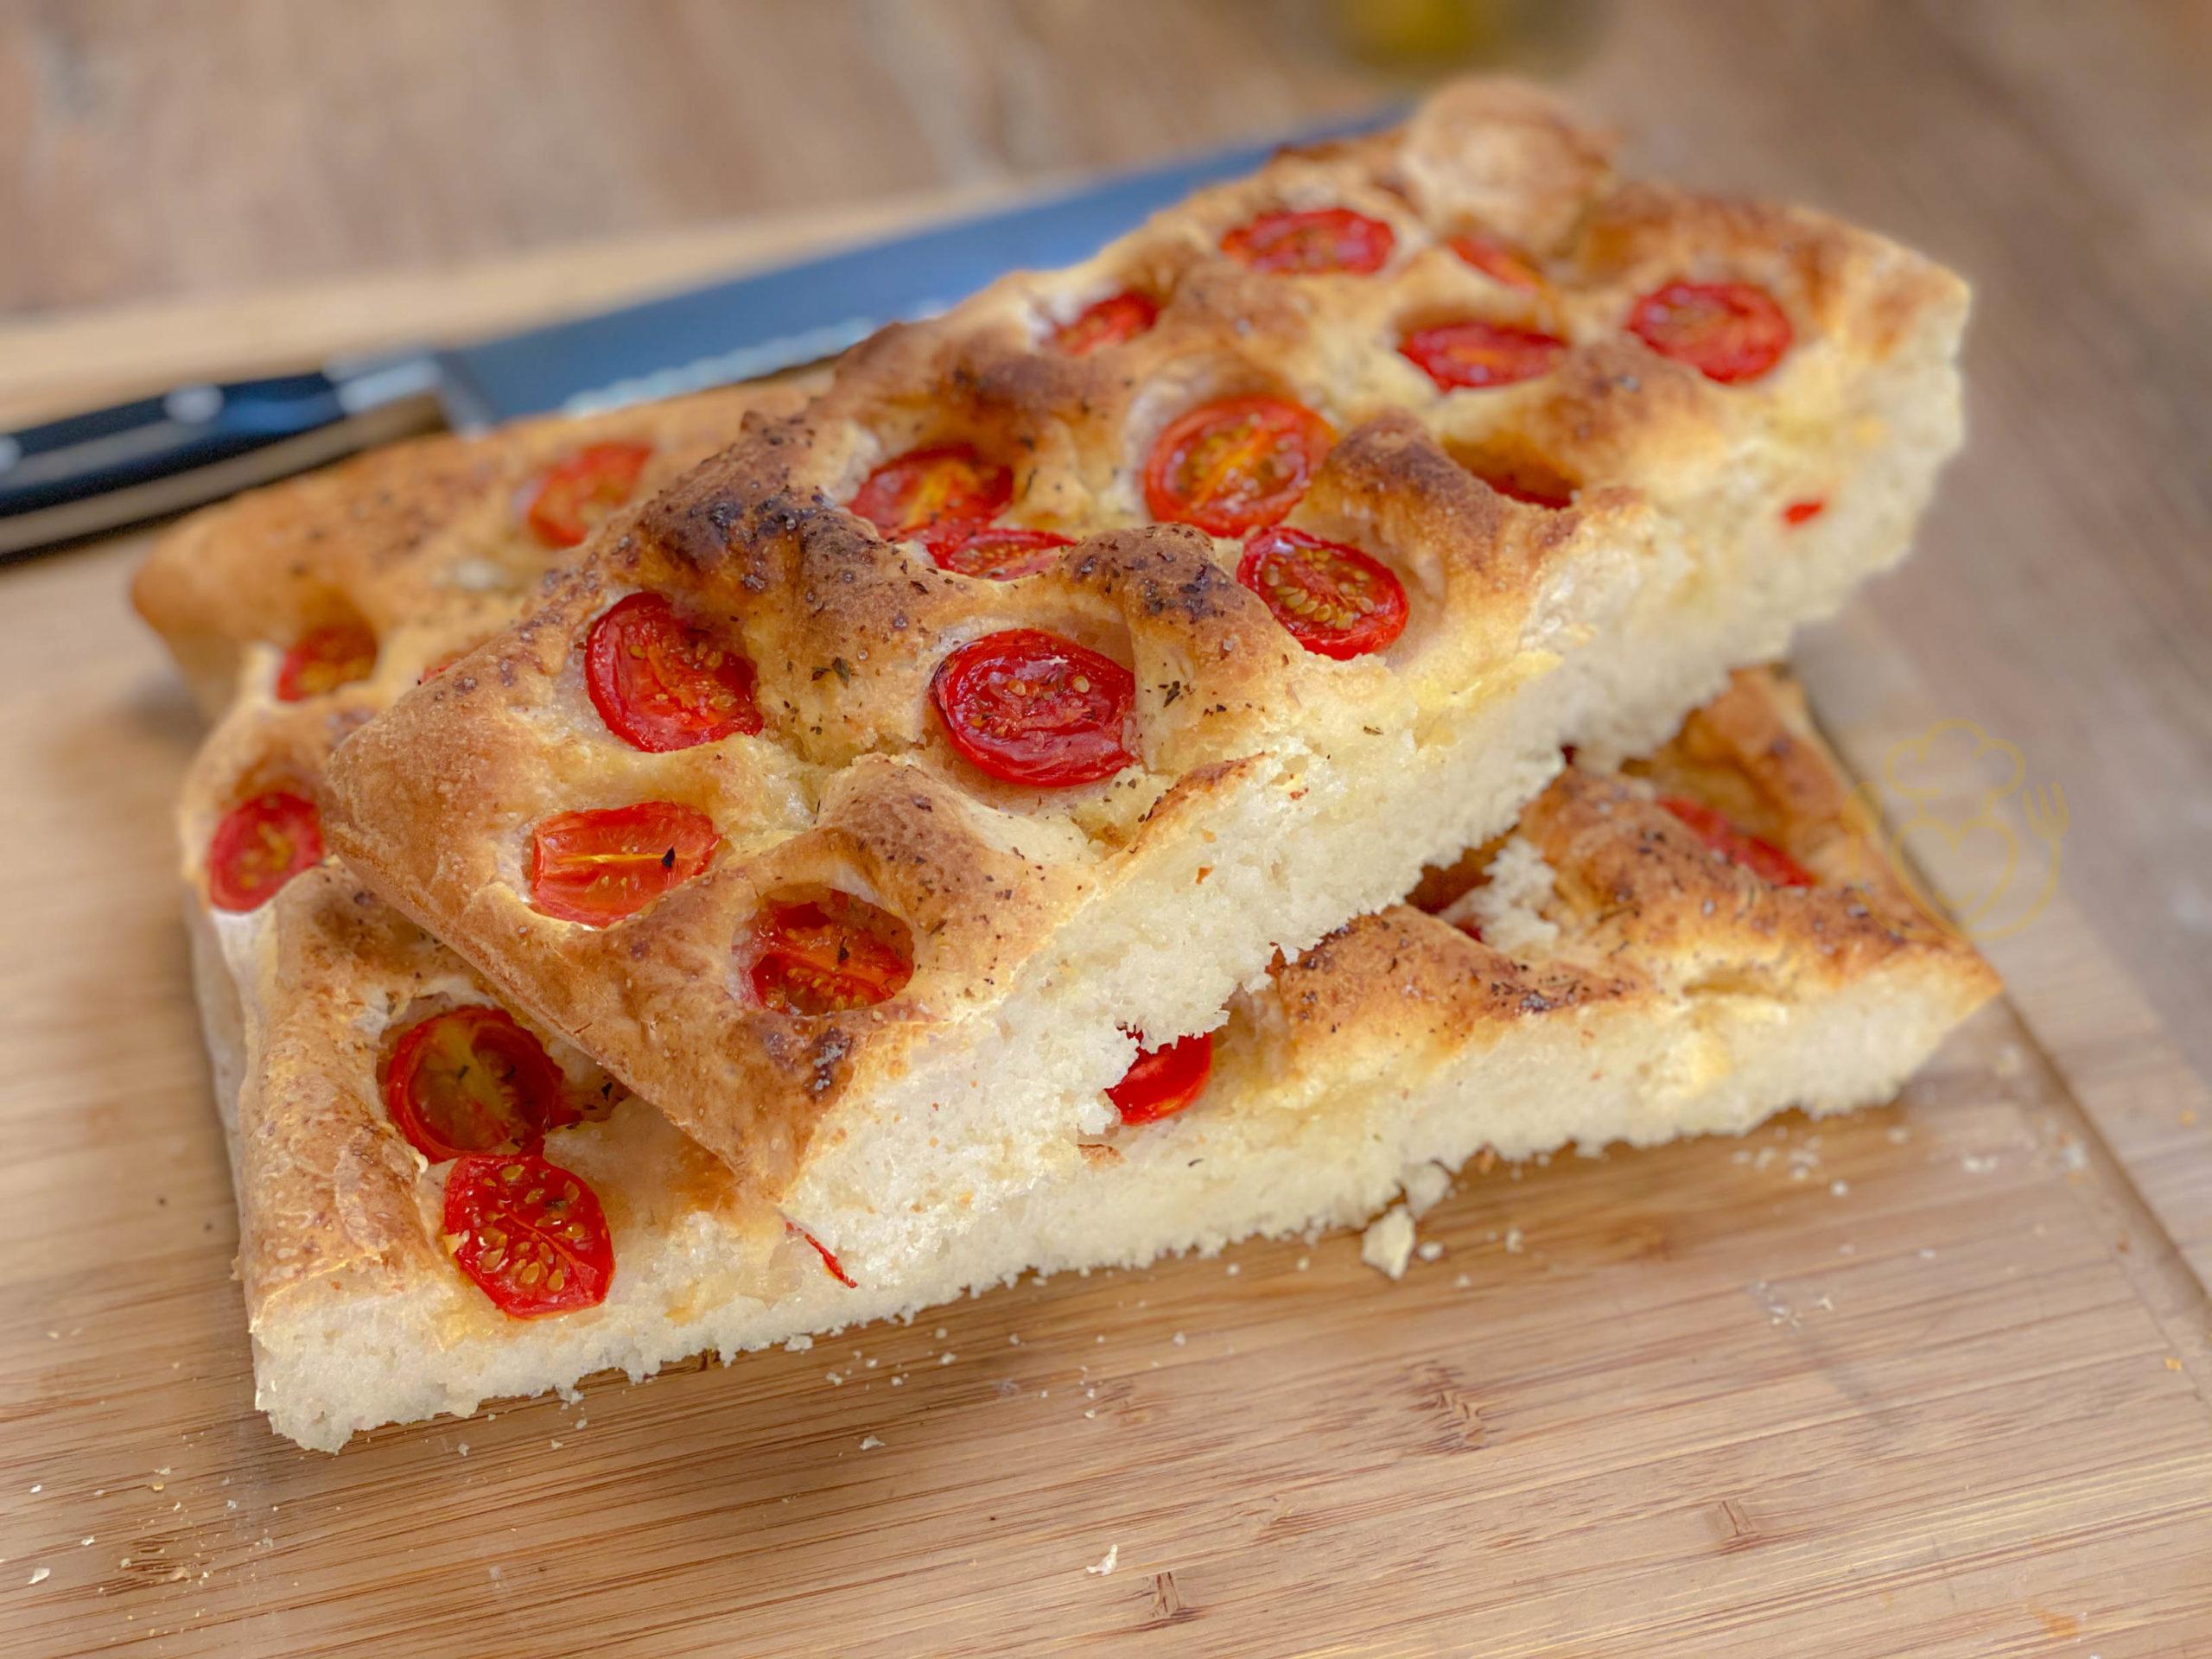 Ricetta Focaccia Con Pomodorini.Focaccia Con Pomodorini Alta E Soffice Impasto Nella Ciotola Senza Mani Ricette Di Cucina